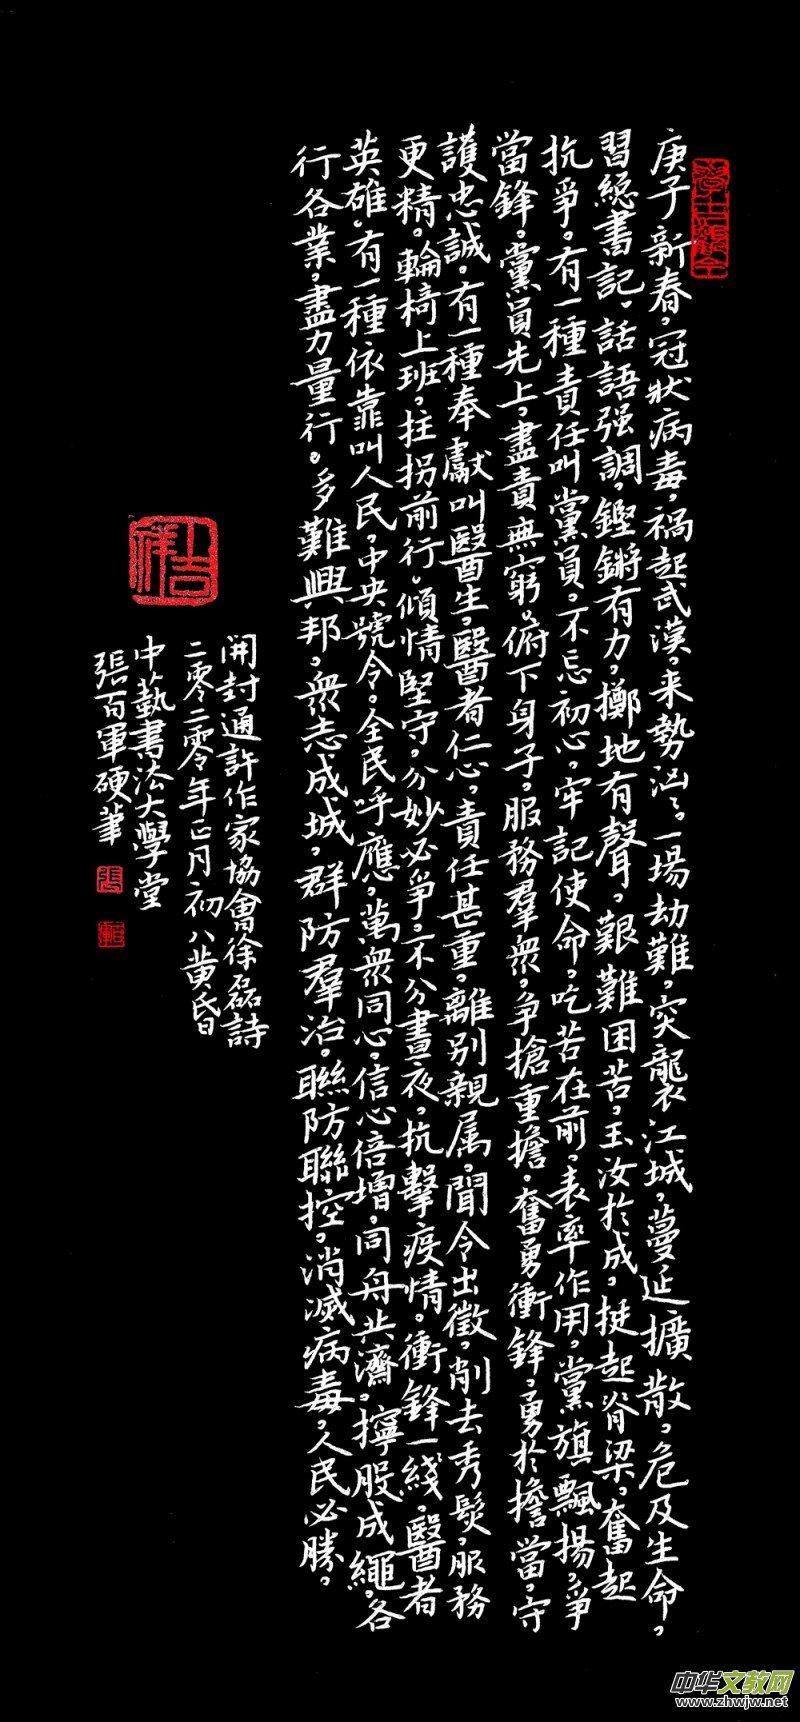 """张百军作品:""""众志成城,抗击病毒肺炎疫情主题网络书画摄影展""""参展优秀作品"""